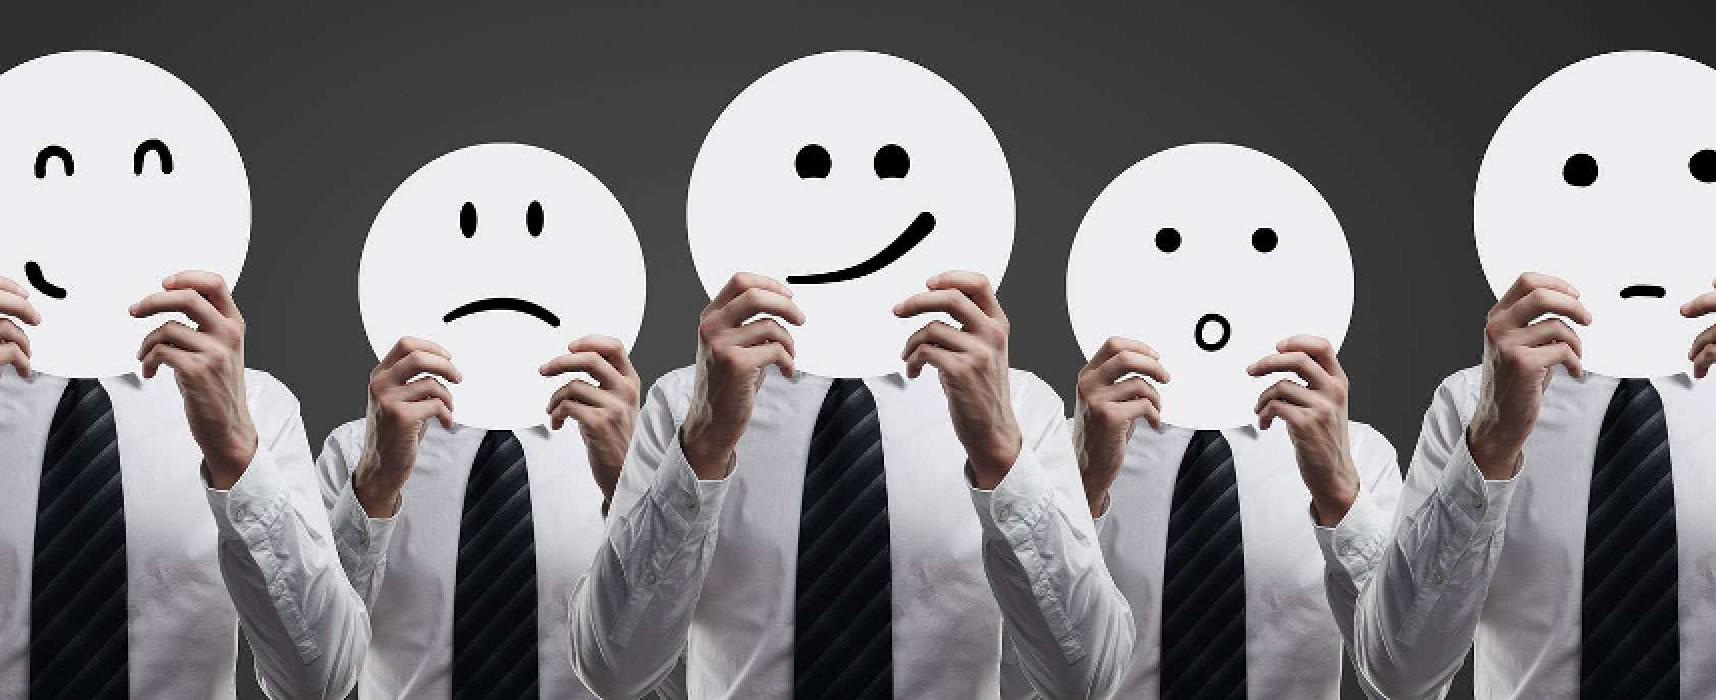 Può esistere un'emozione a ogni clic? Alla riscoperta del Sentire – a cura della dott.ssa Renata Rana